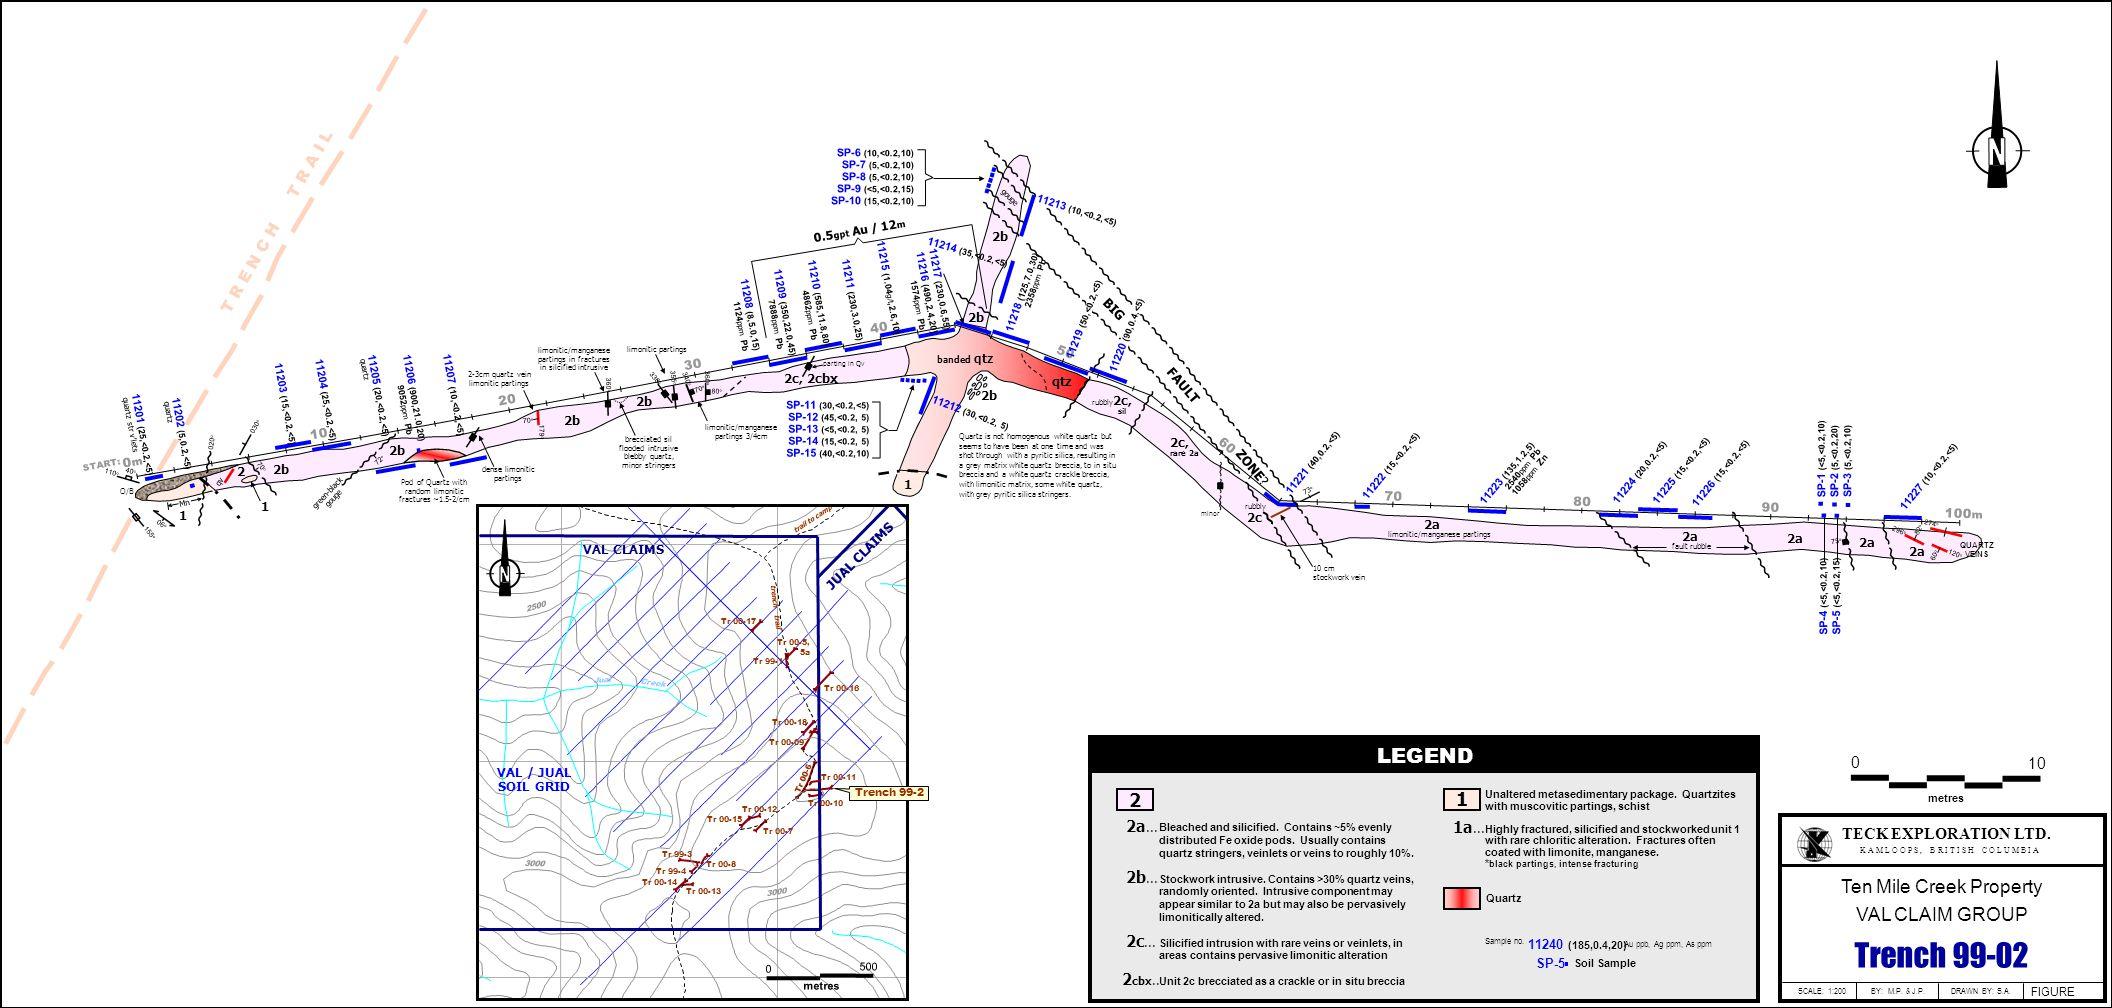 0 10 metres TECK EXPLORATION LTD.